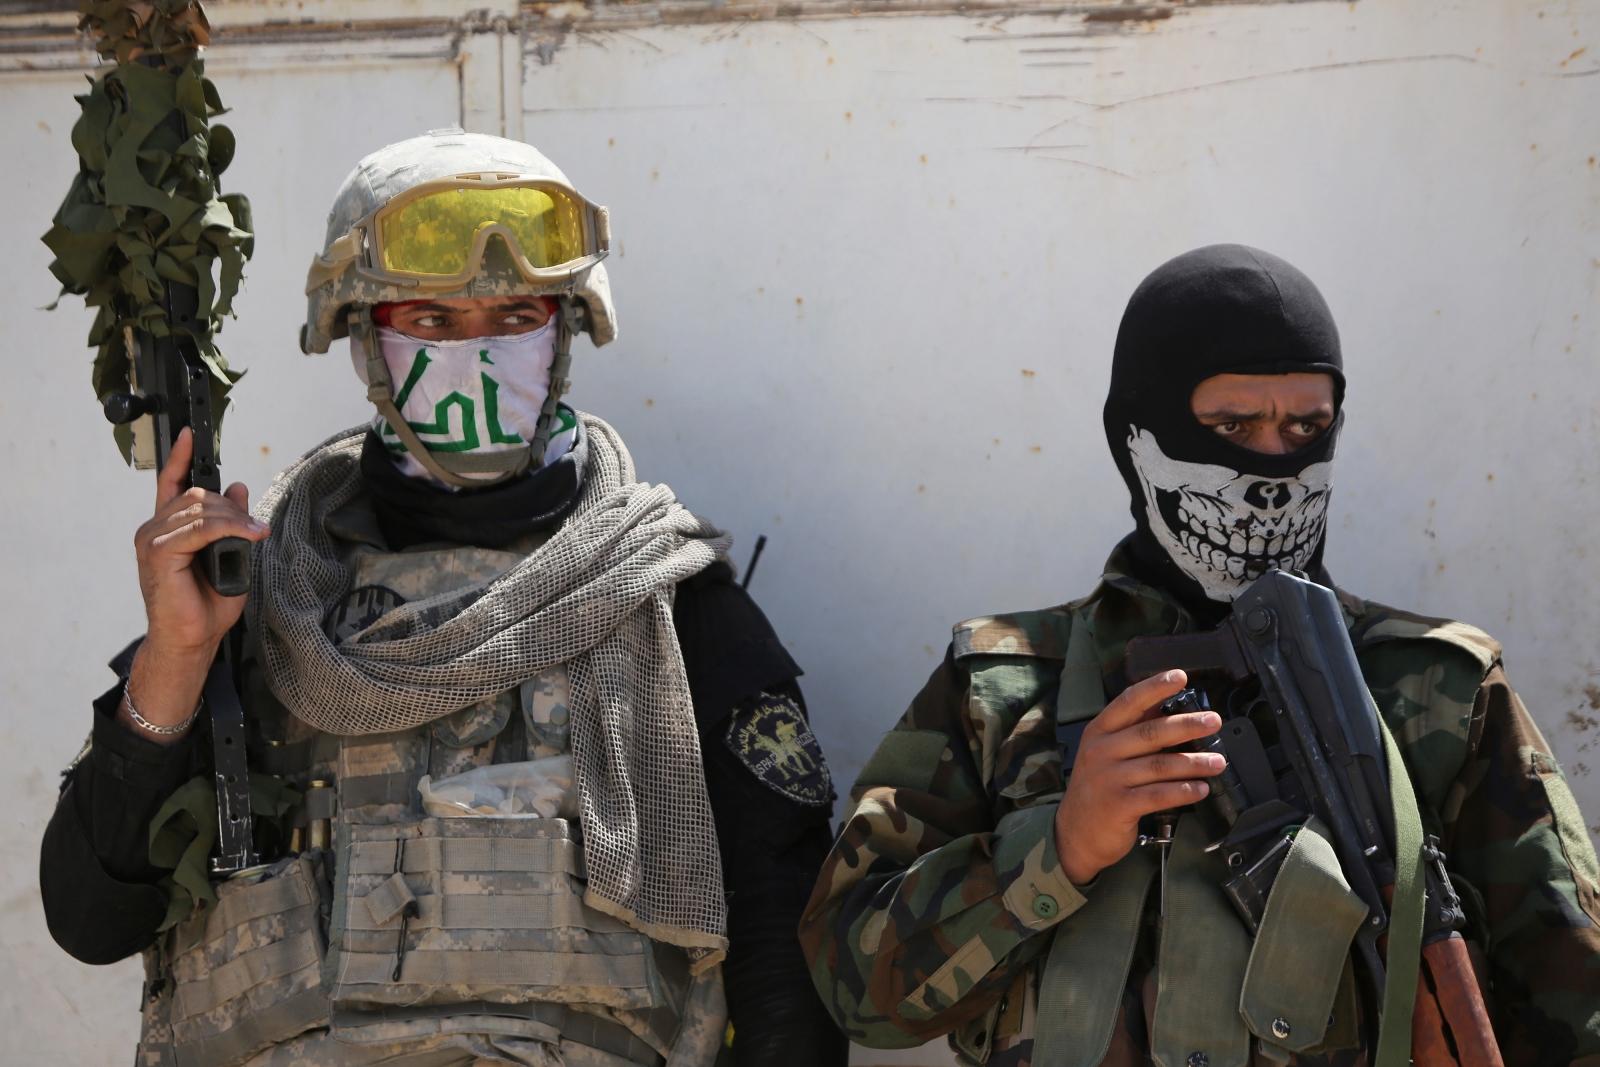 Shi'ite militia members in Iraq